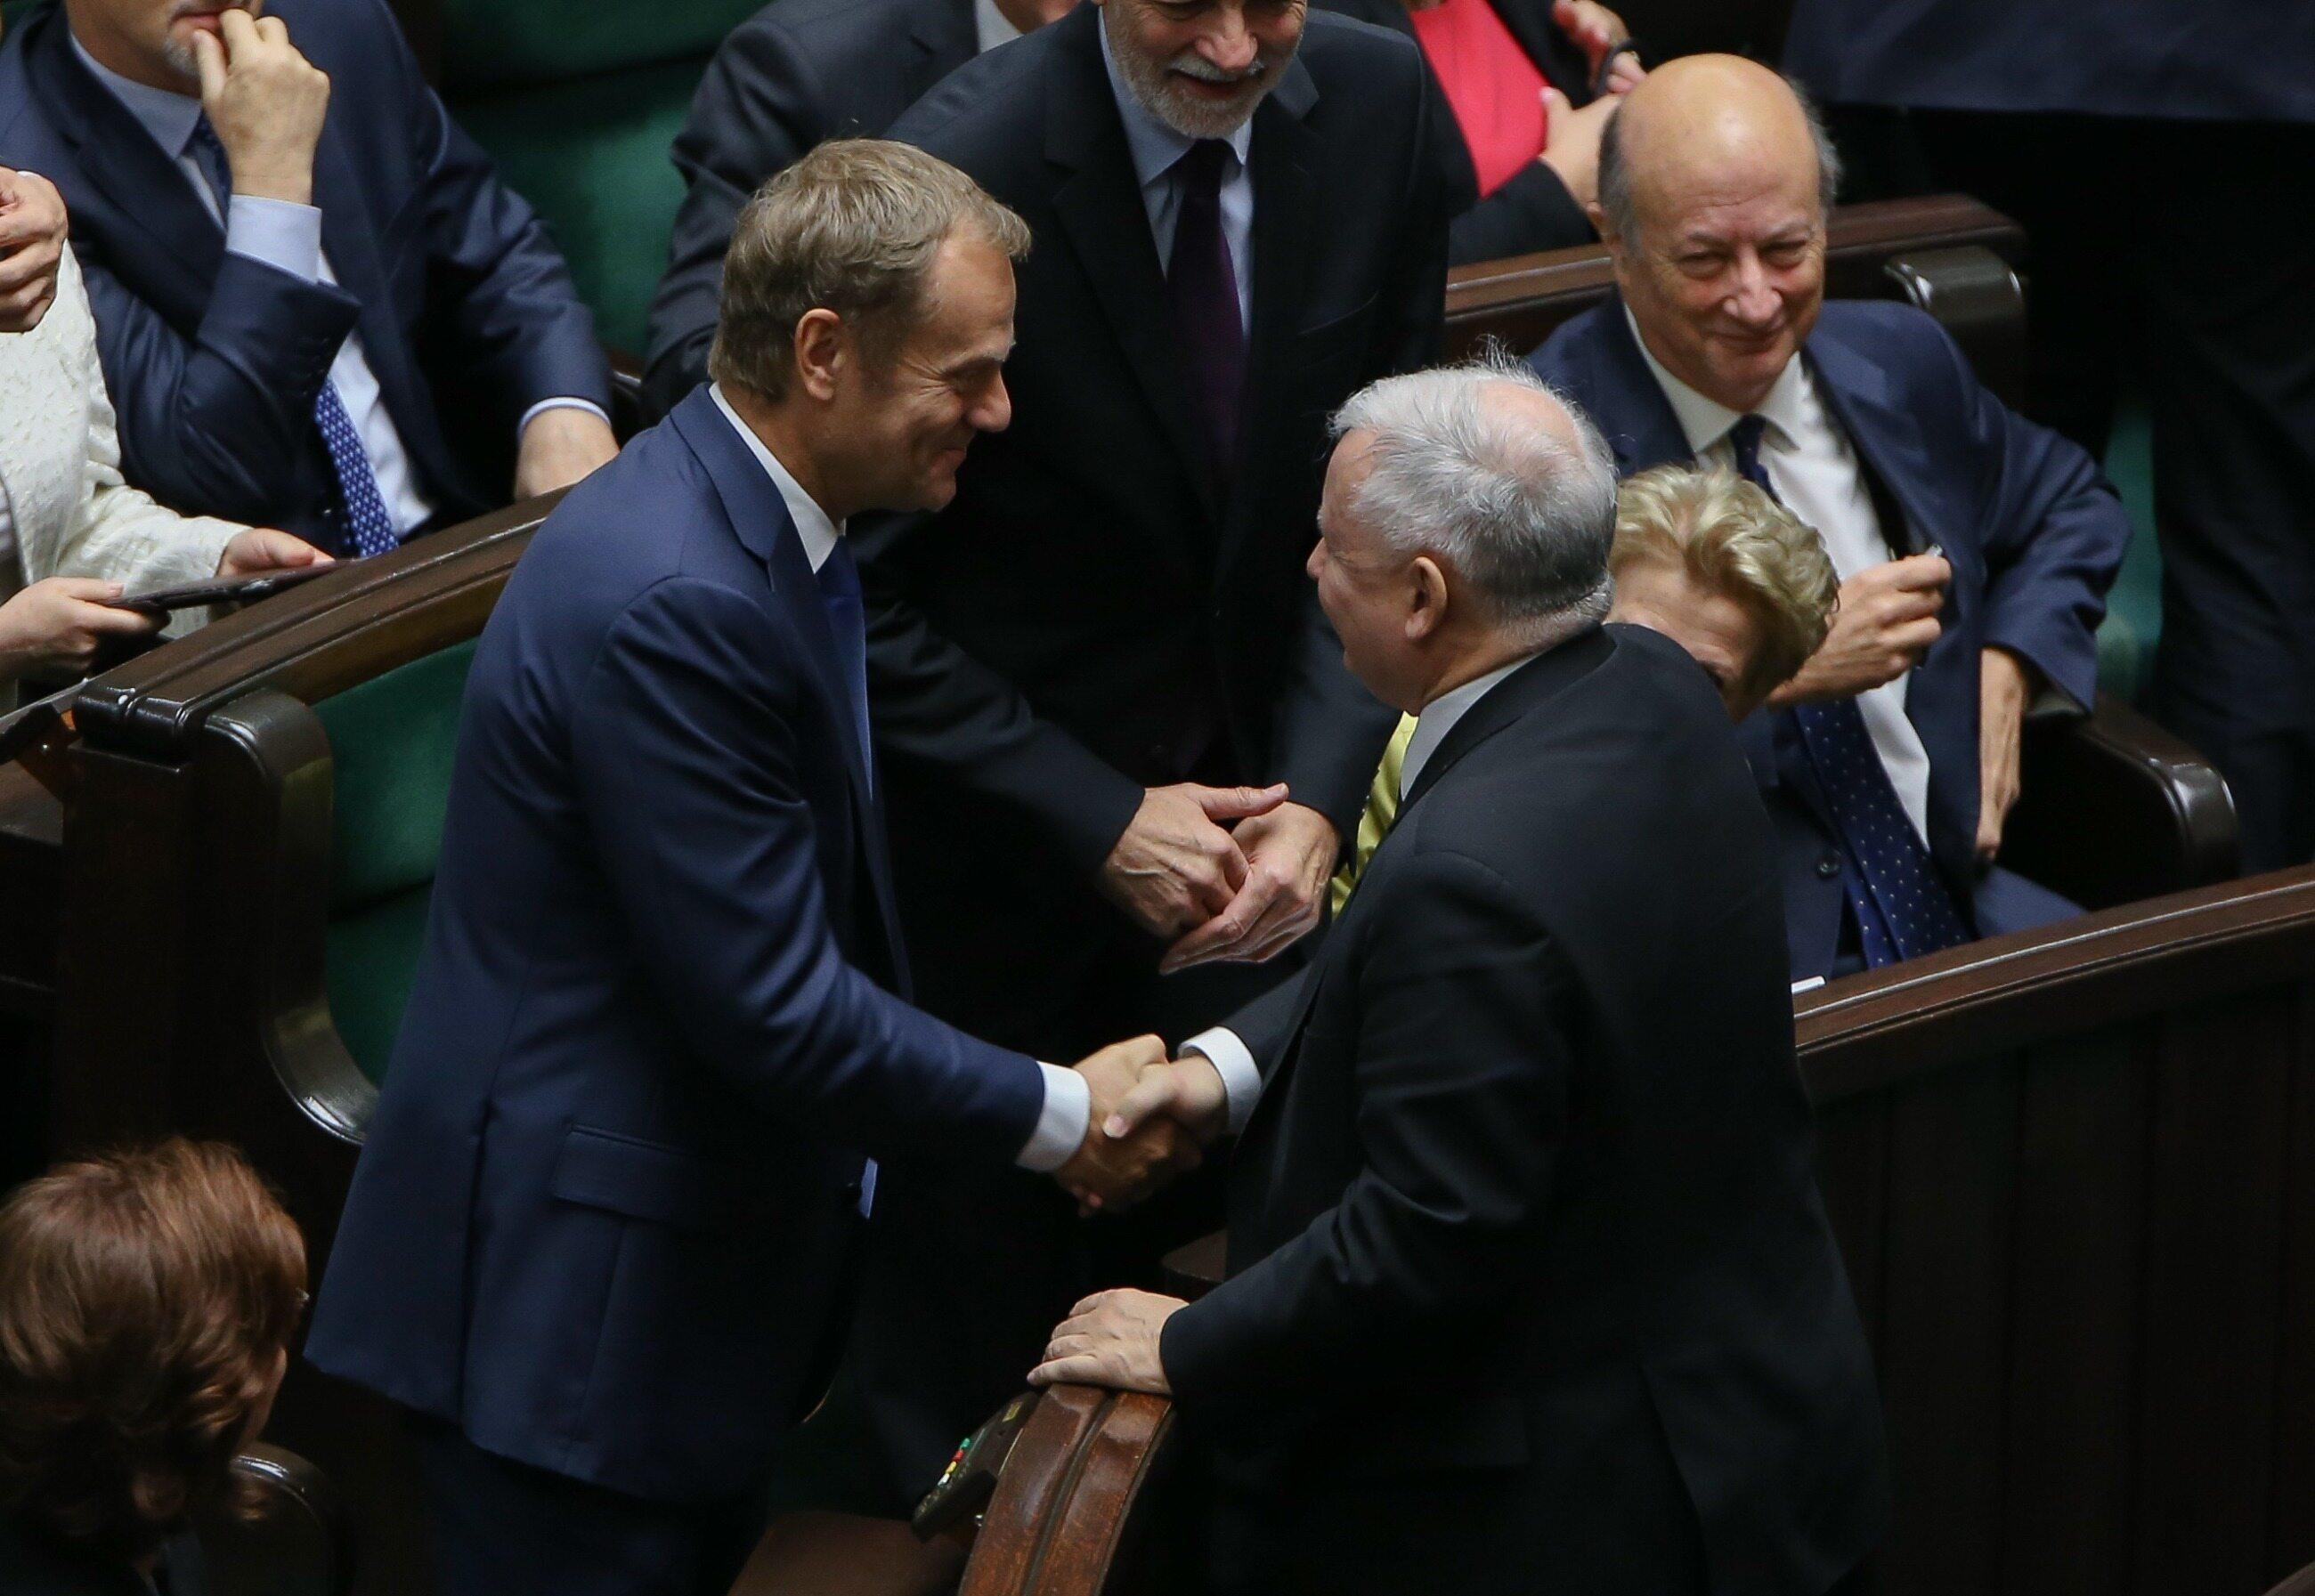 Sondaż wiarygodności polityków. Jak Polacy oceniają Tuska i Kaczyńskiego?